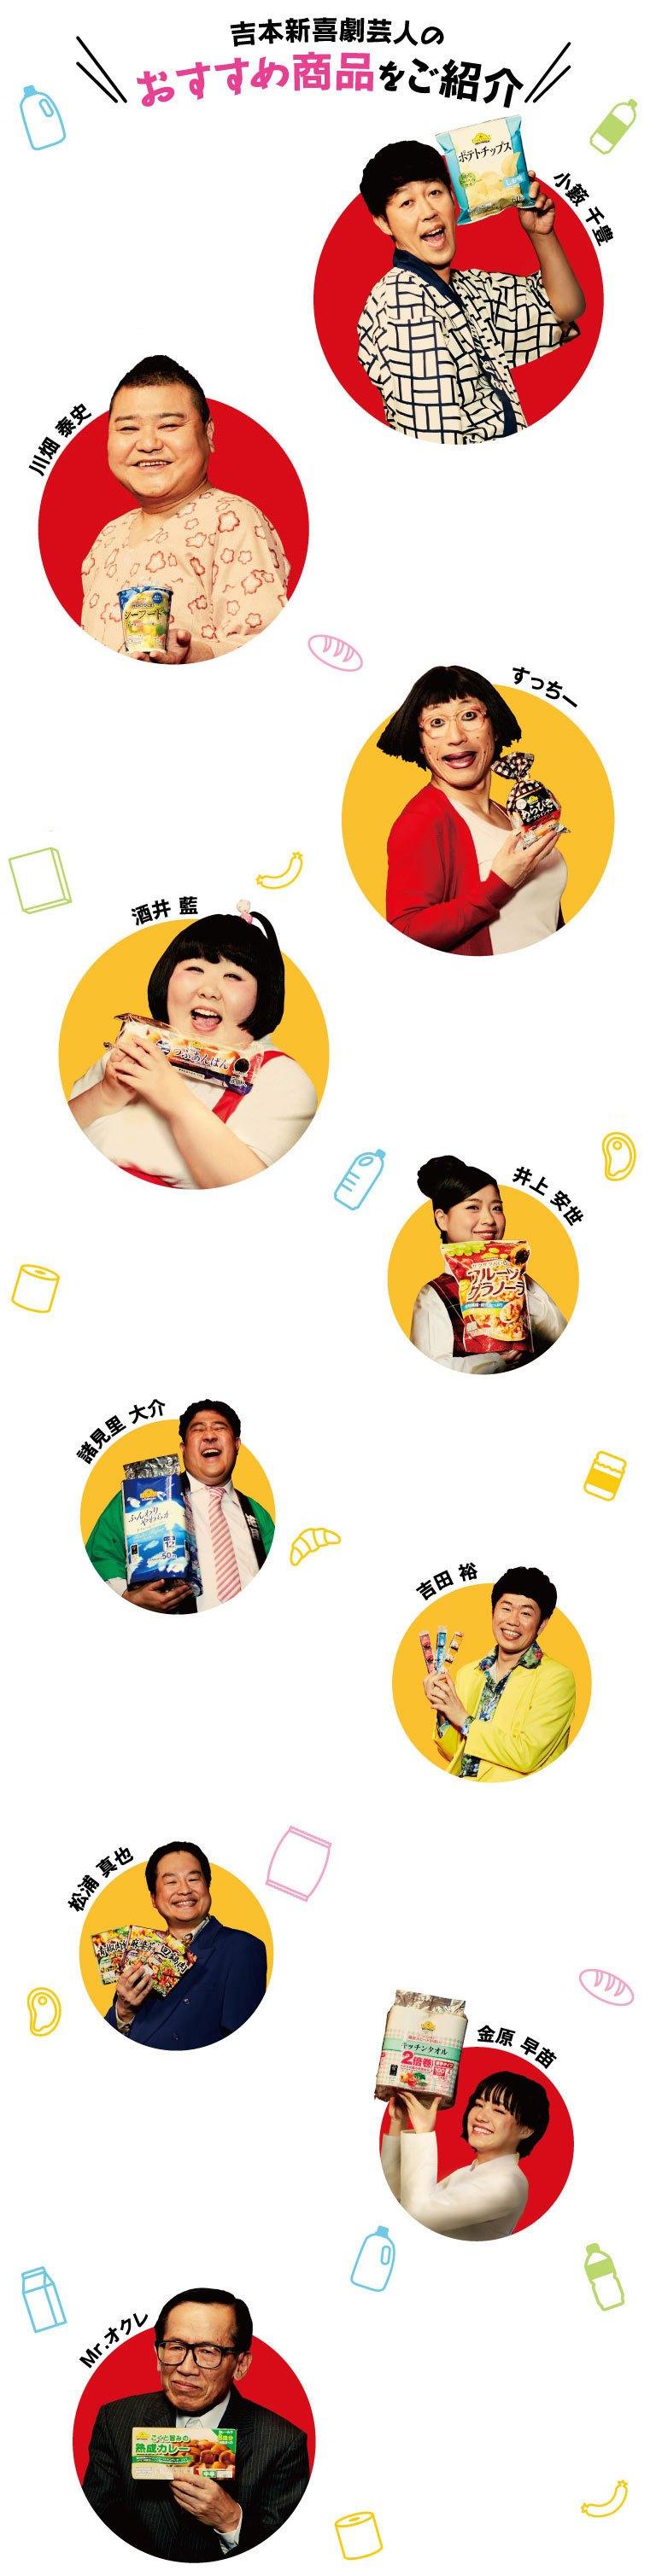 吉本新喜劇芸人のおすすめ商品をご紹介